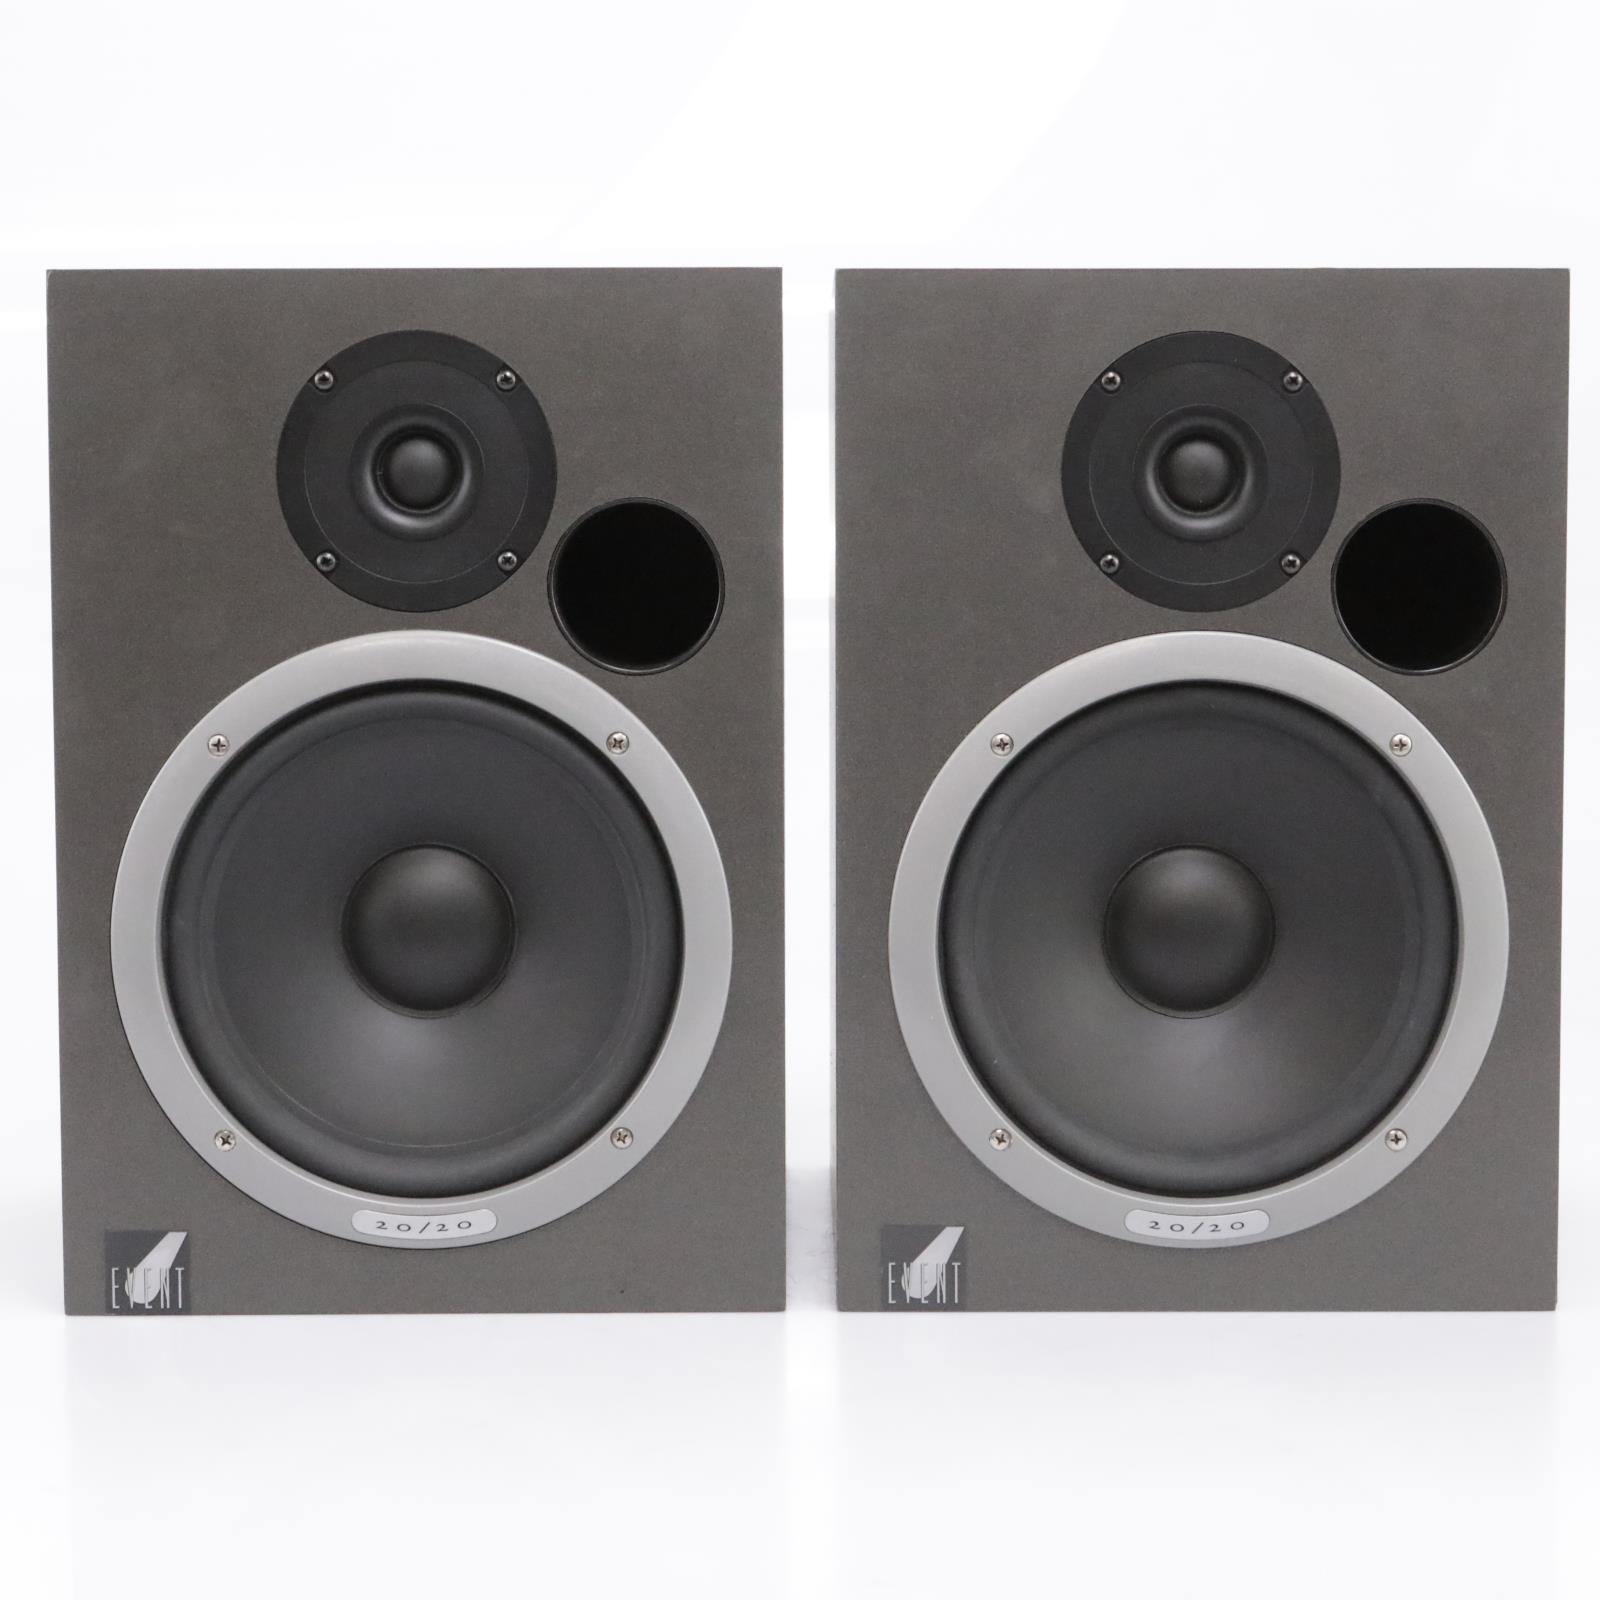 Event 20/20 Professional Studio Monitors Speakers (Pair) #43779